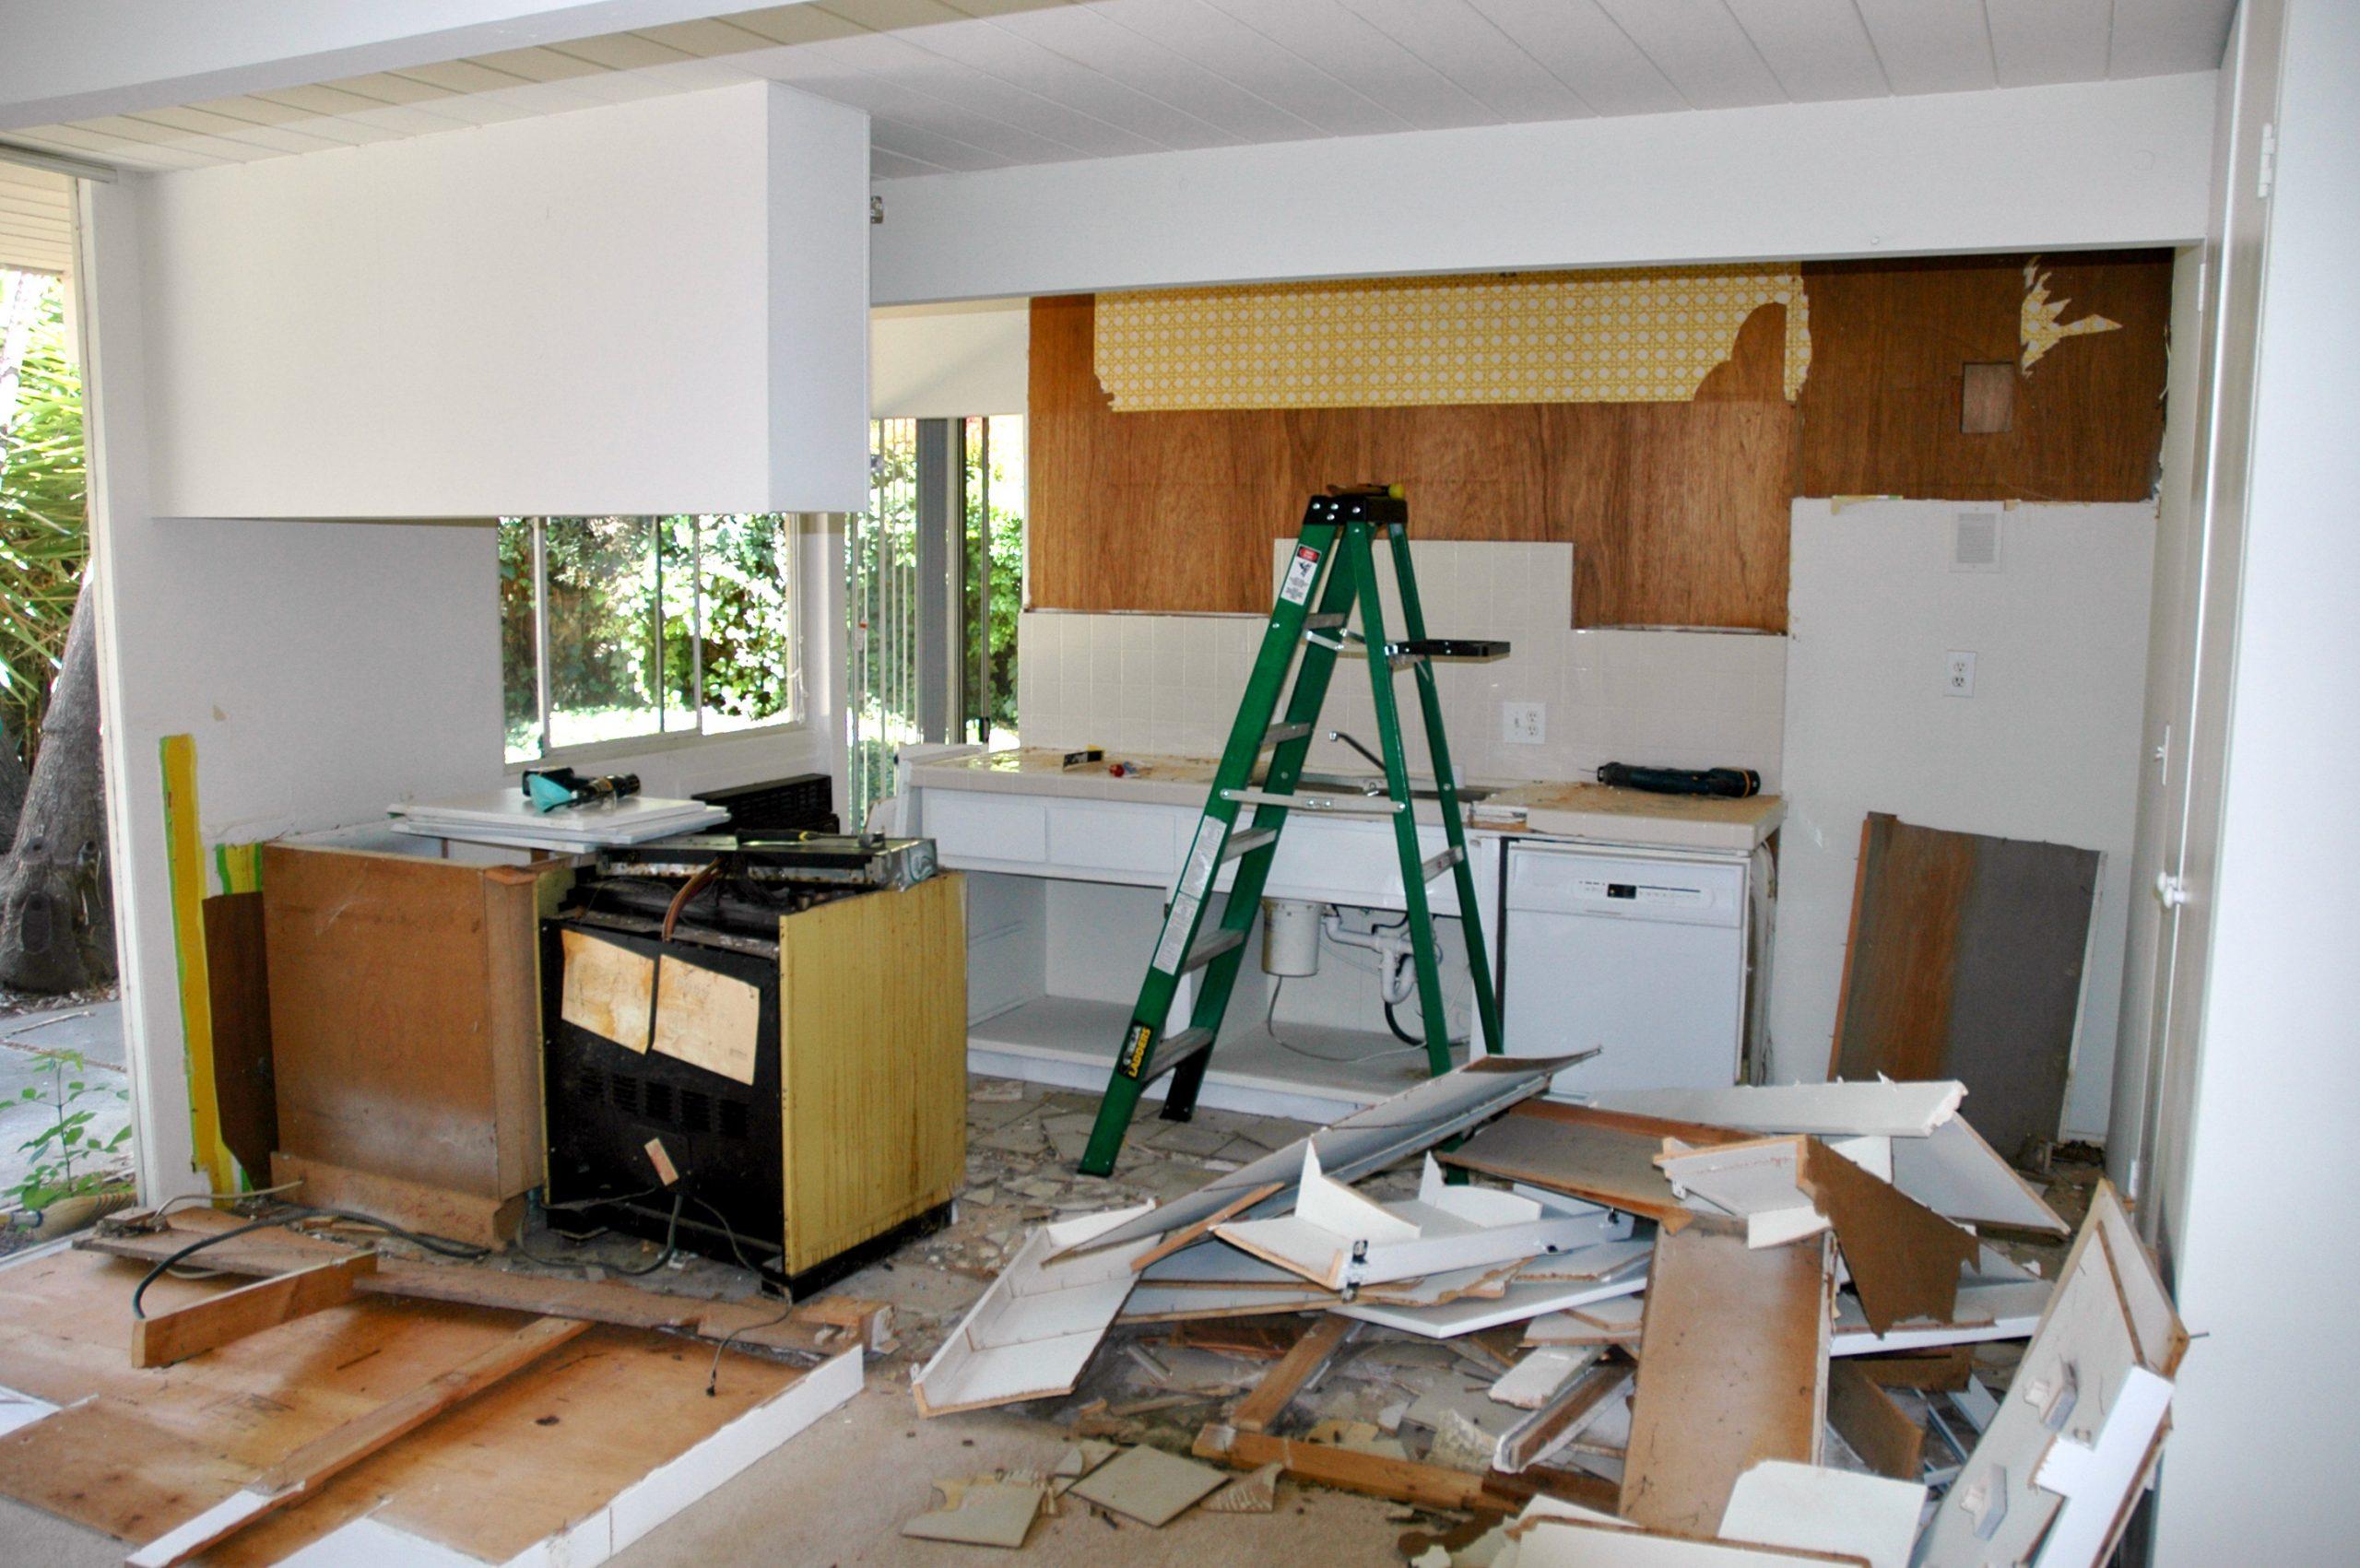 An Eichler kitchen under demolition